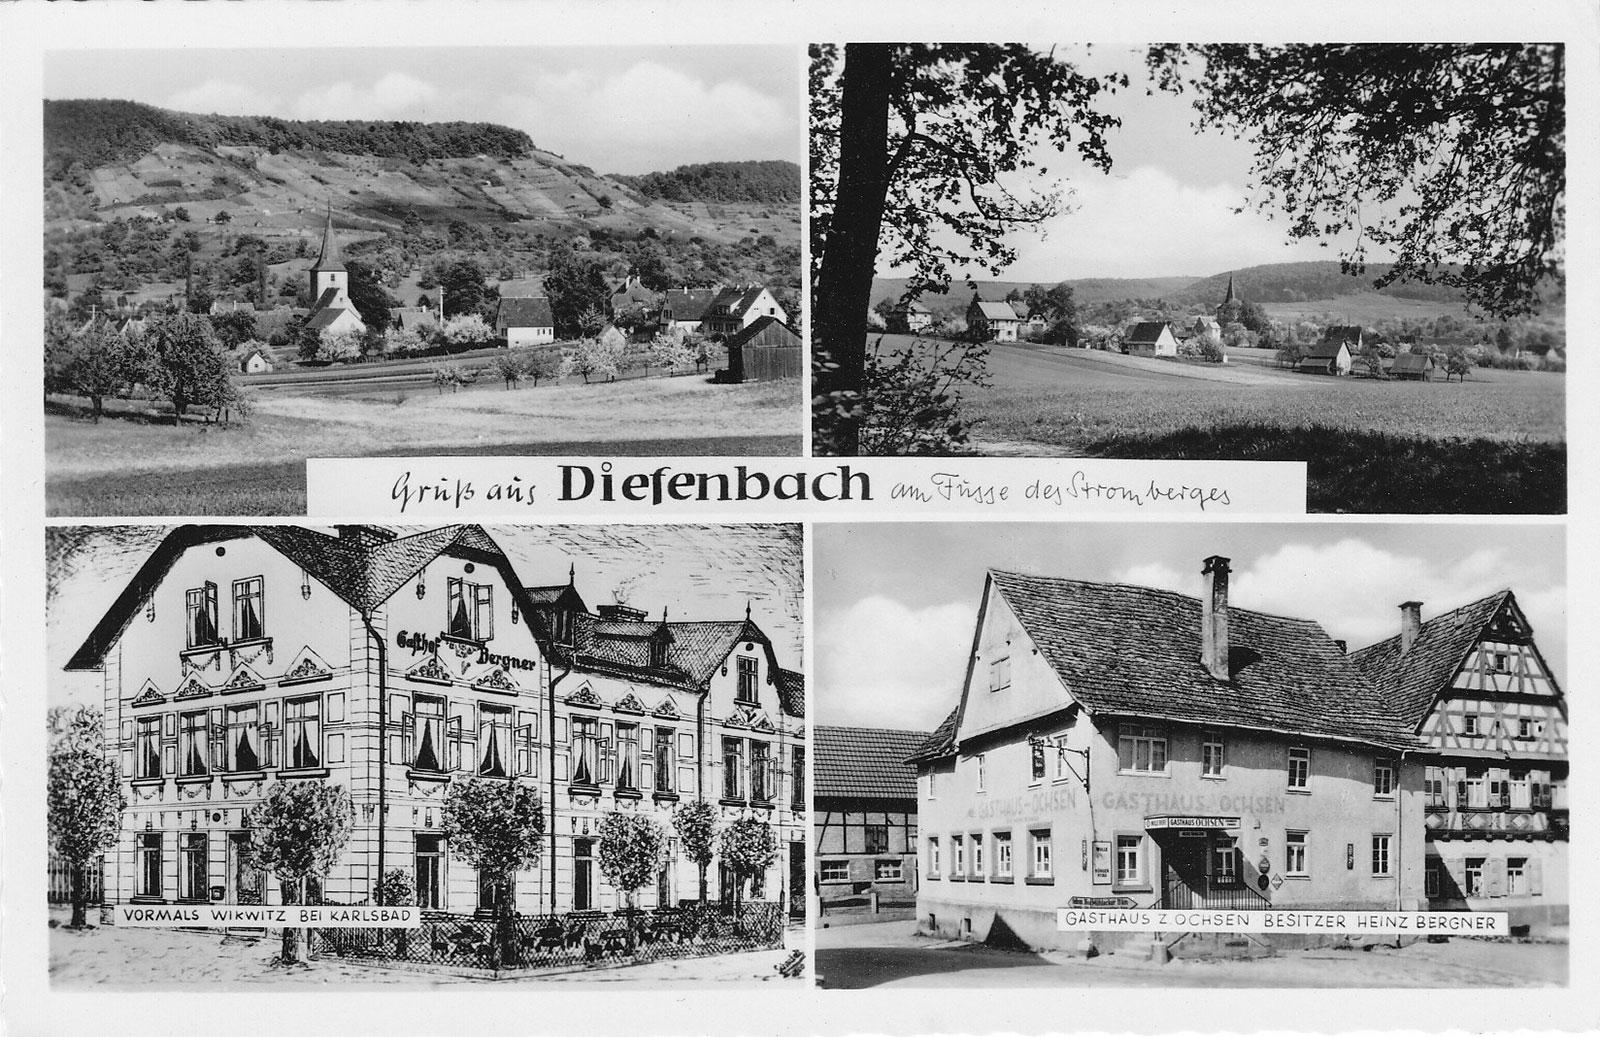 Gruss_aus_Diefenbach_1950er